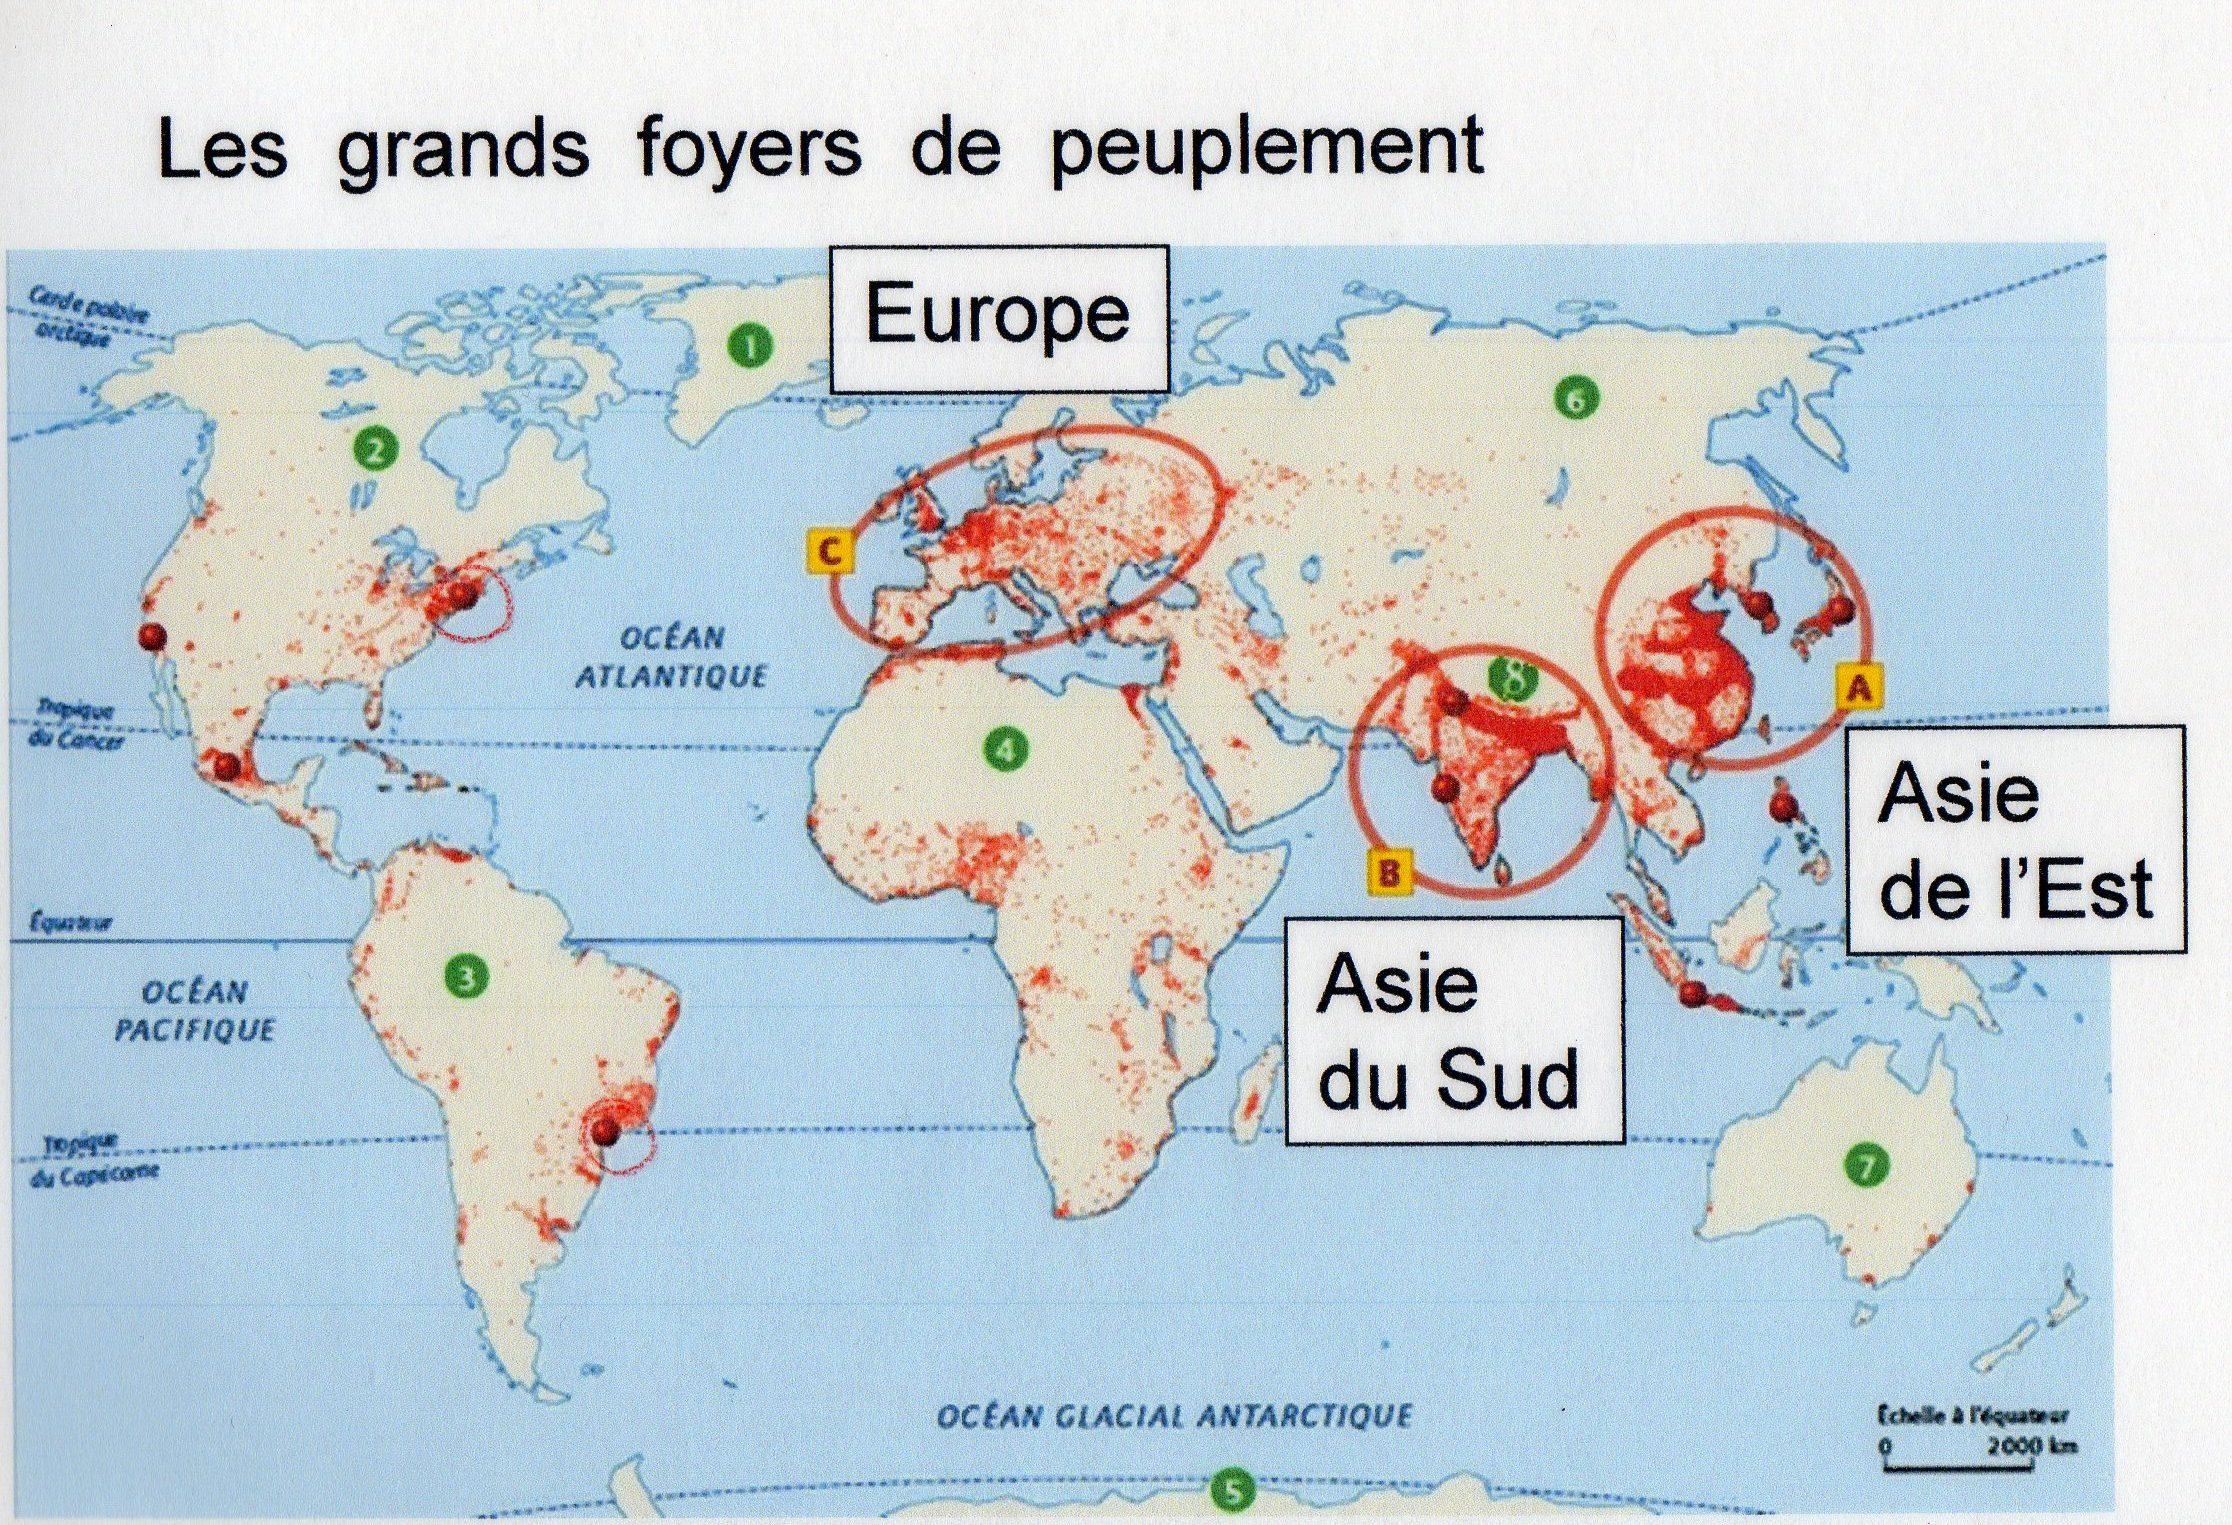 Grand Foyer De Peuplement : Le monde habité densité de population foyer